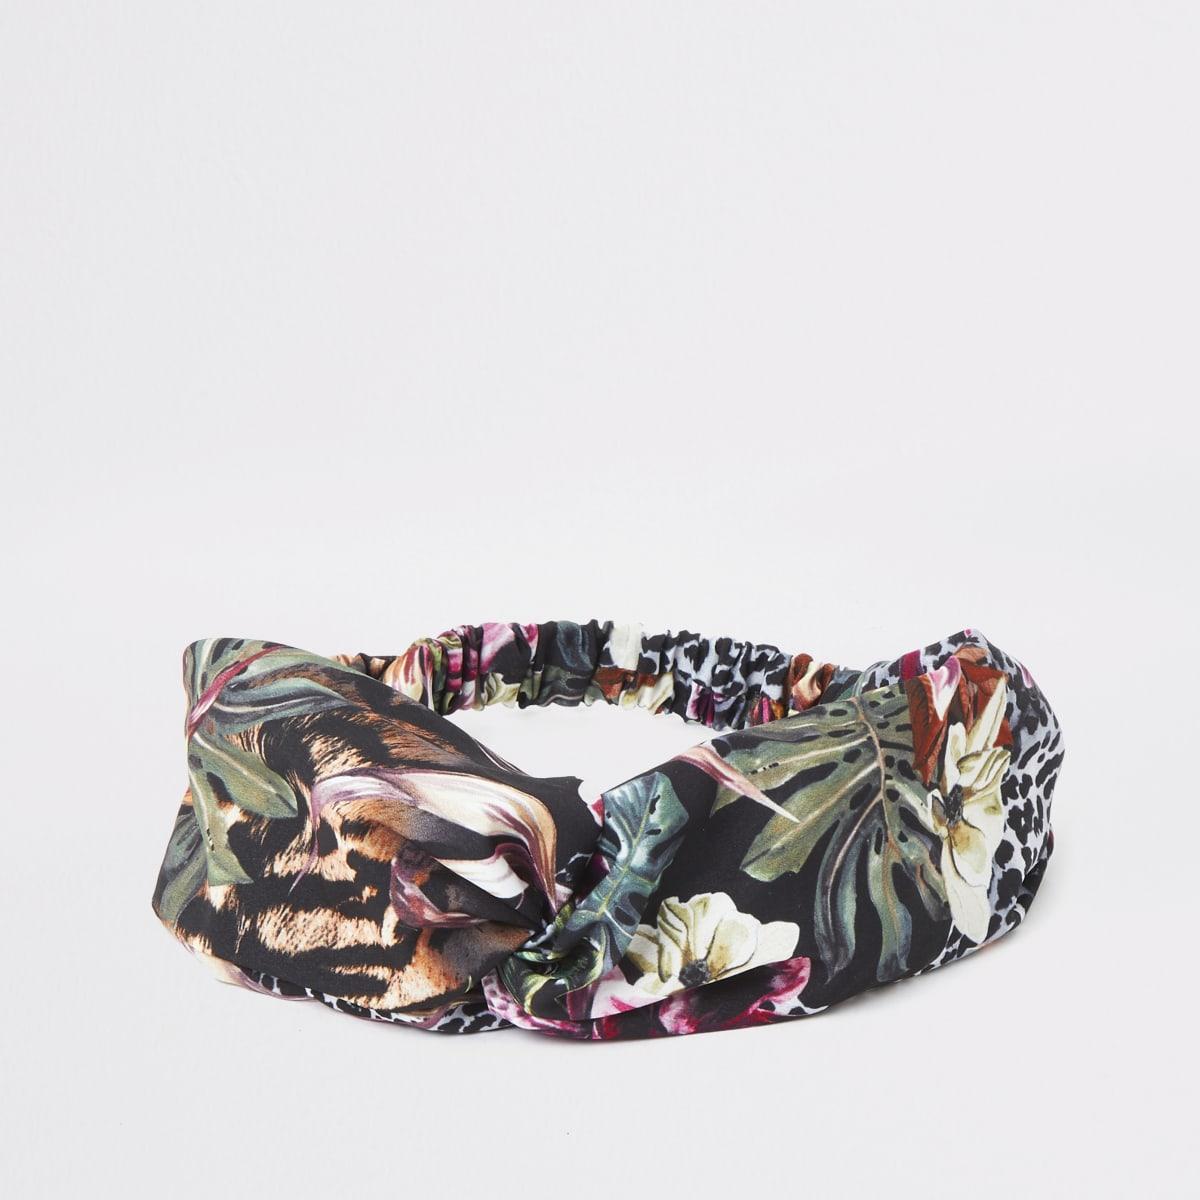 Groene hoofdband met jungleprint